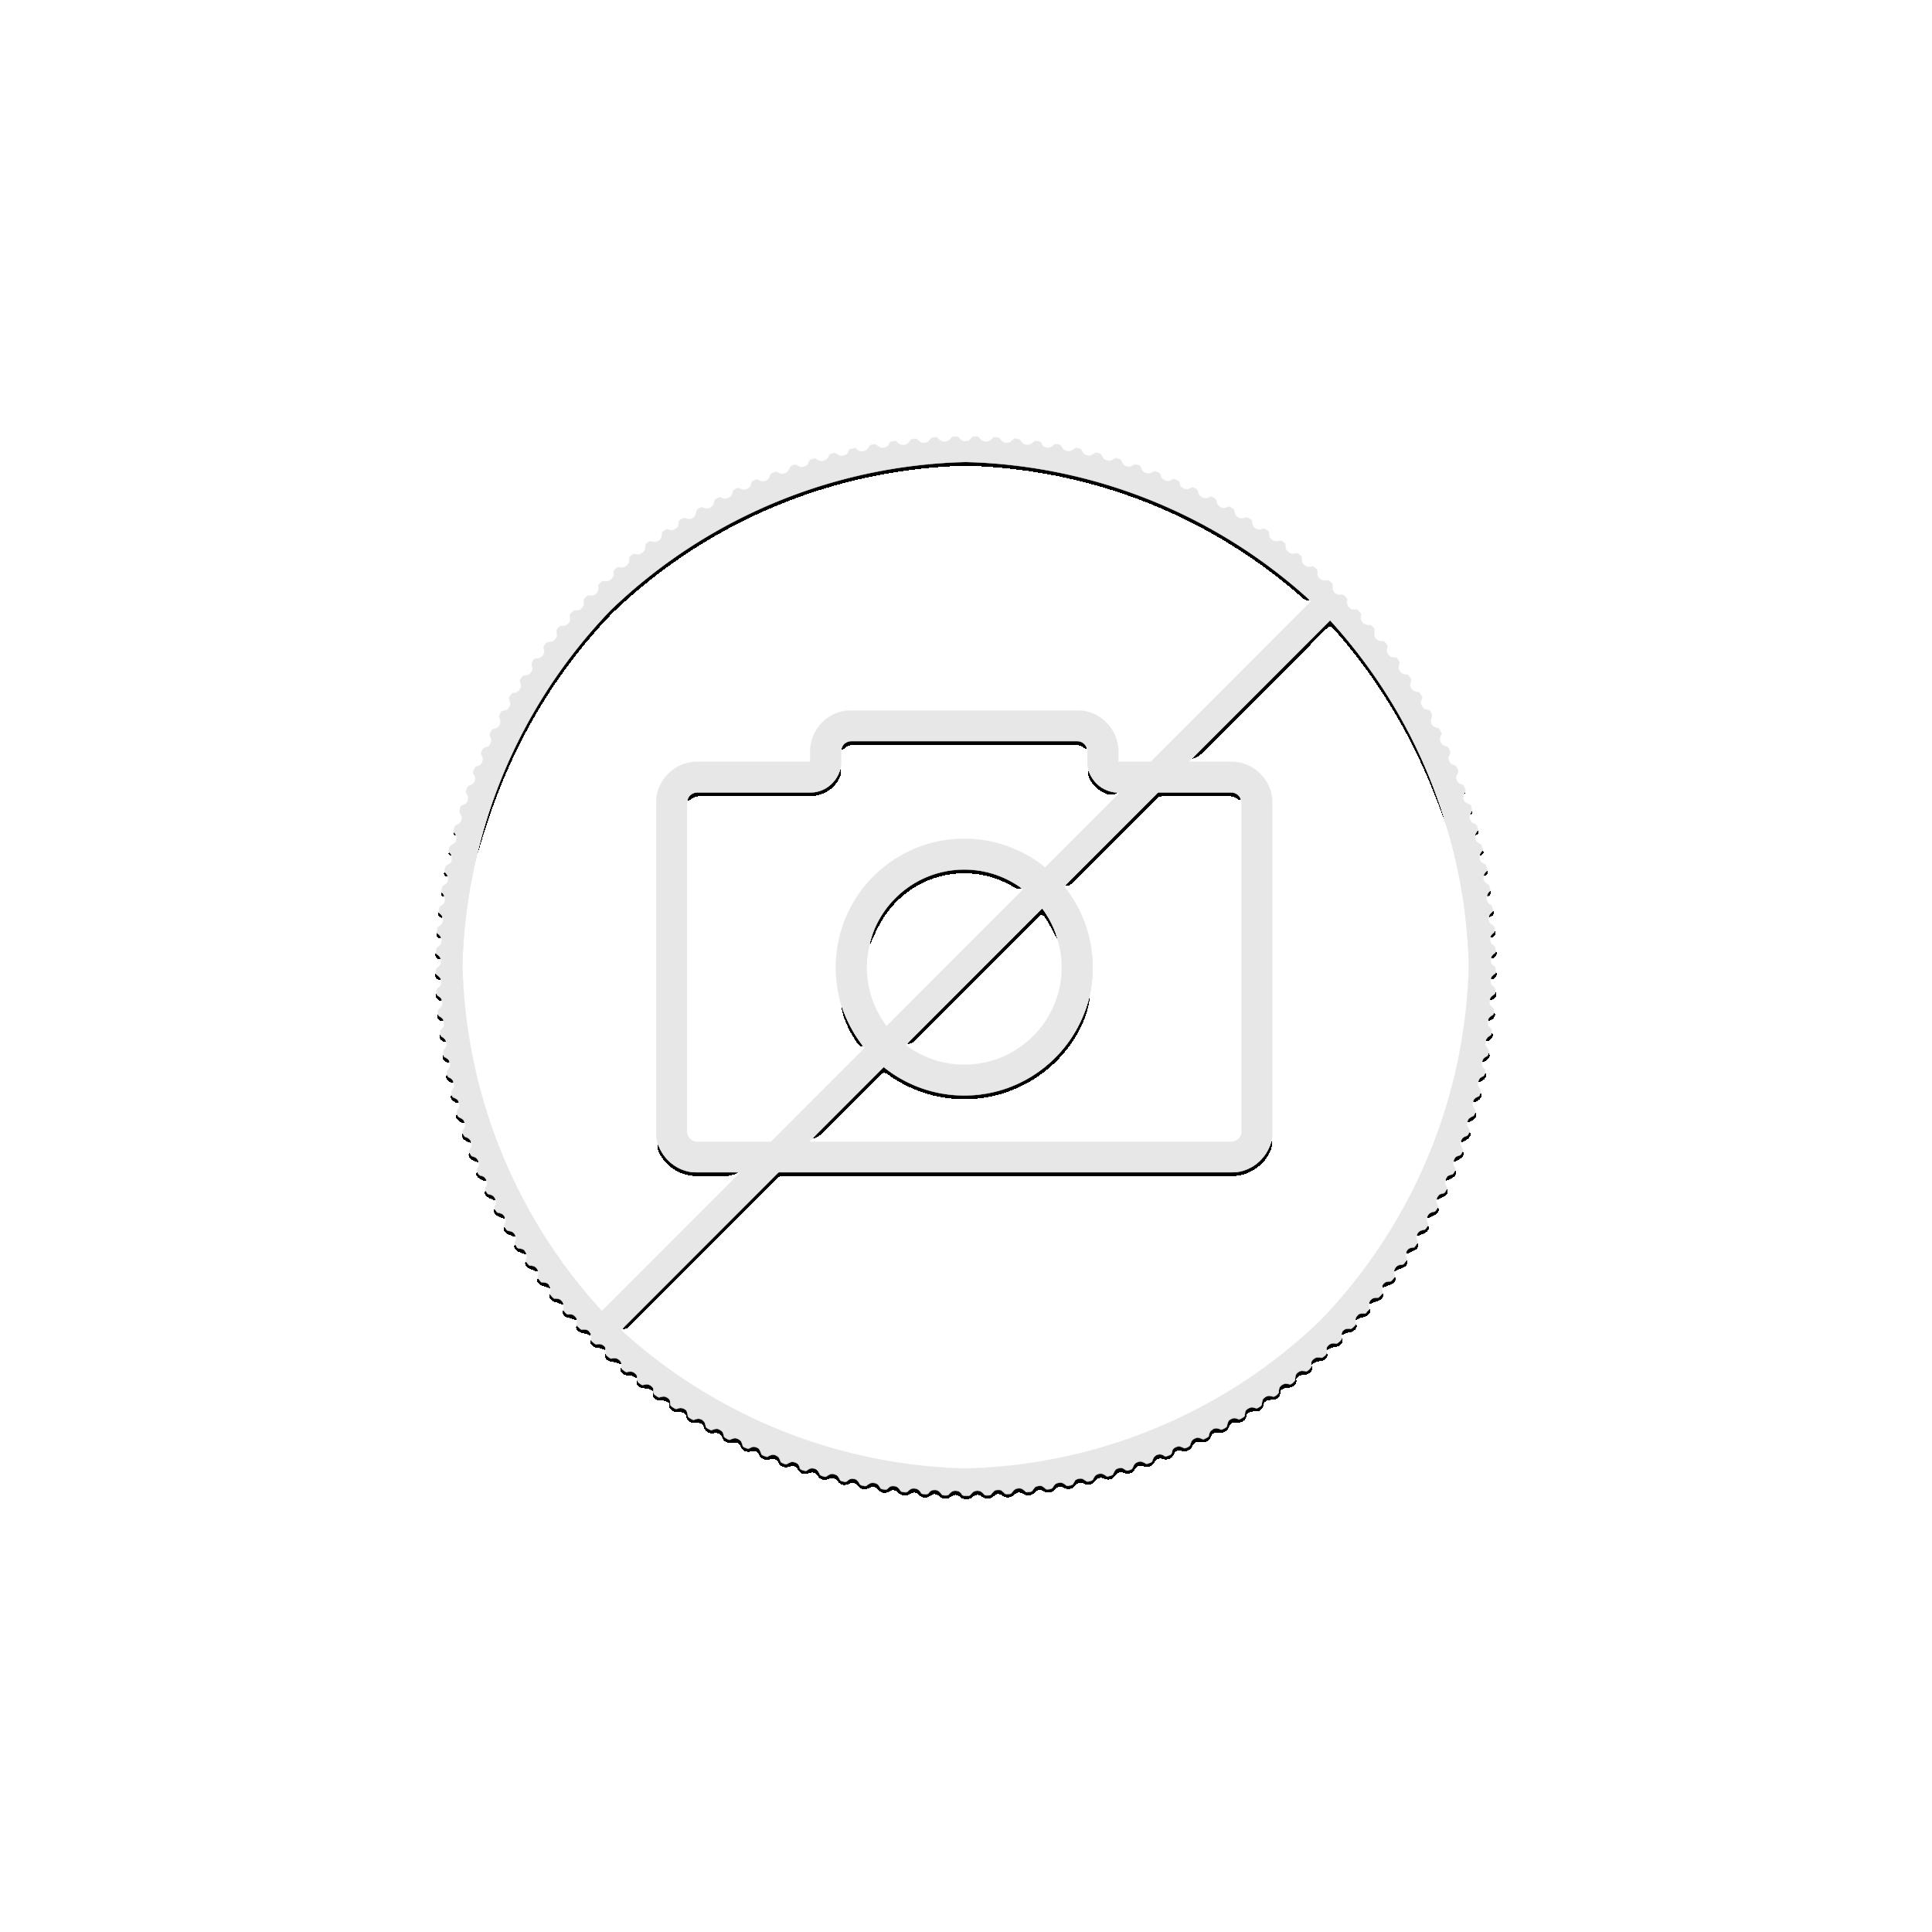 1 Troy ounce gold coin Lunar 2021